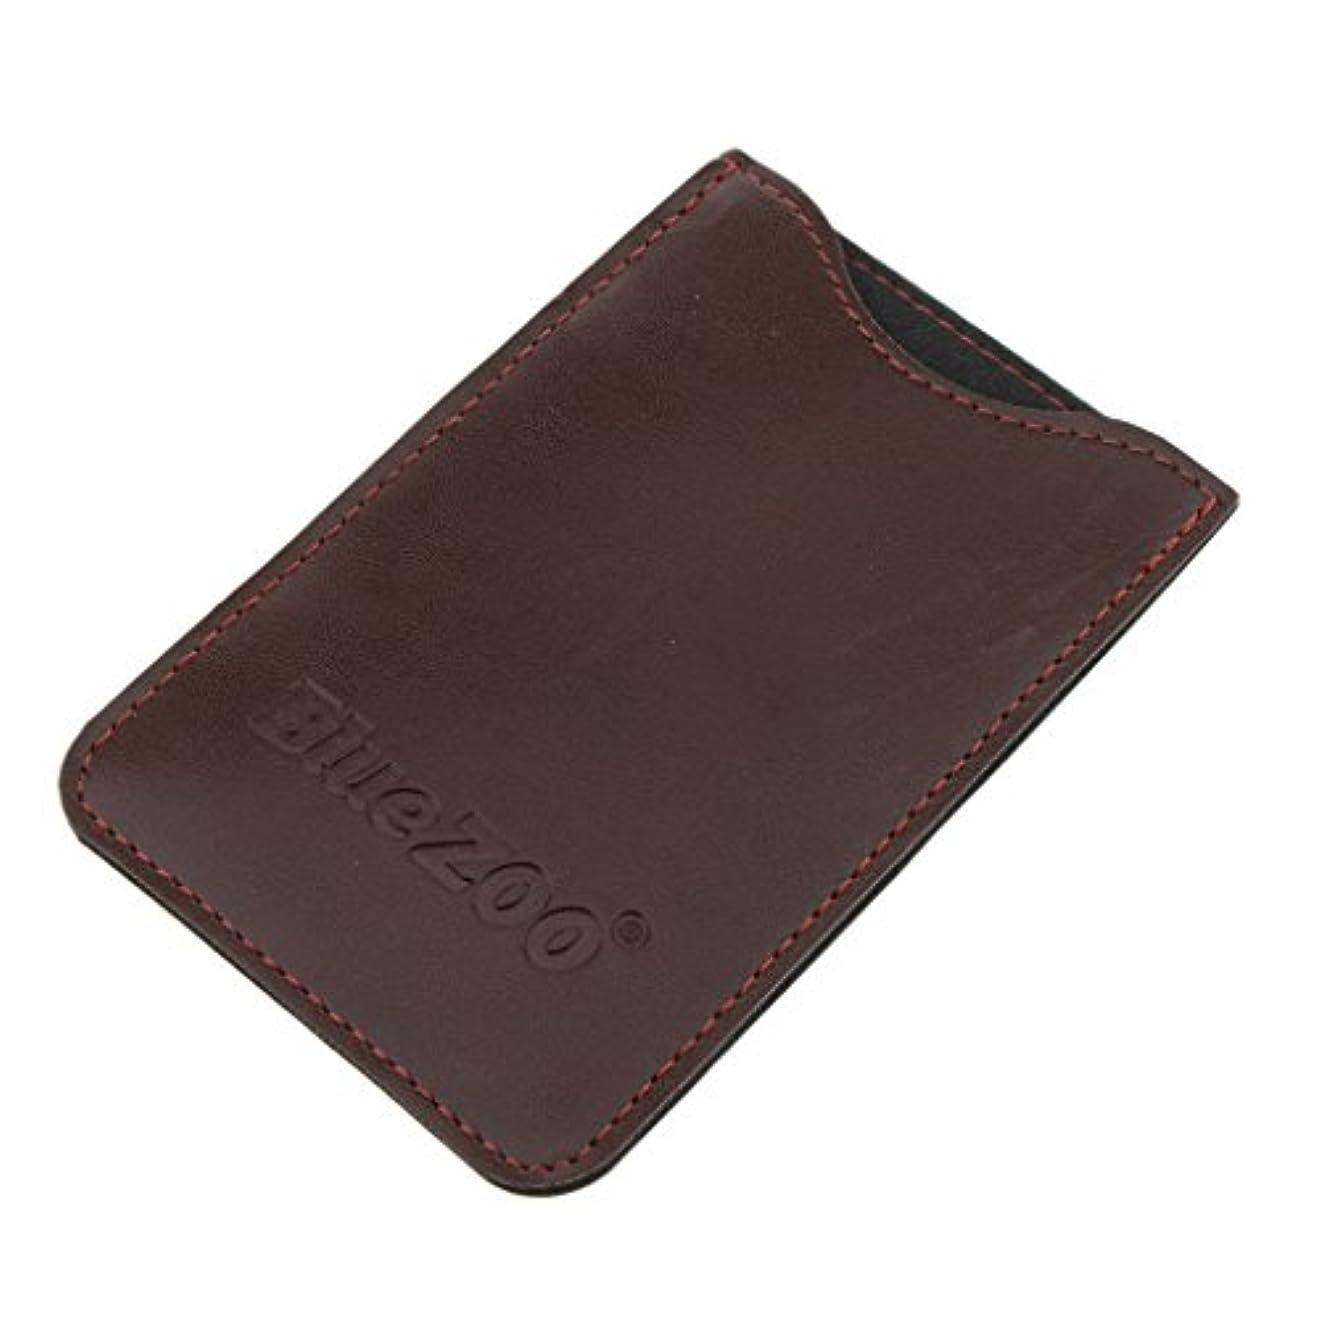 抱擁行動怖がって死ぬコンビバッグ PUレザー 櫛バッグ ポケット オーガナイザー 収納ケース 保護カバー パック 全2色 - 褐色